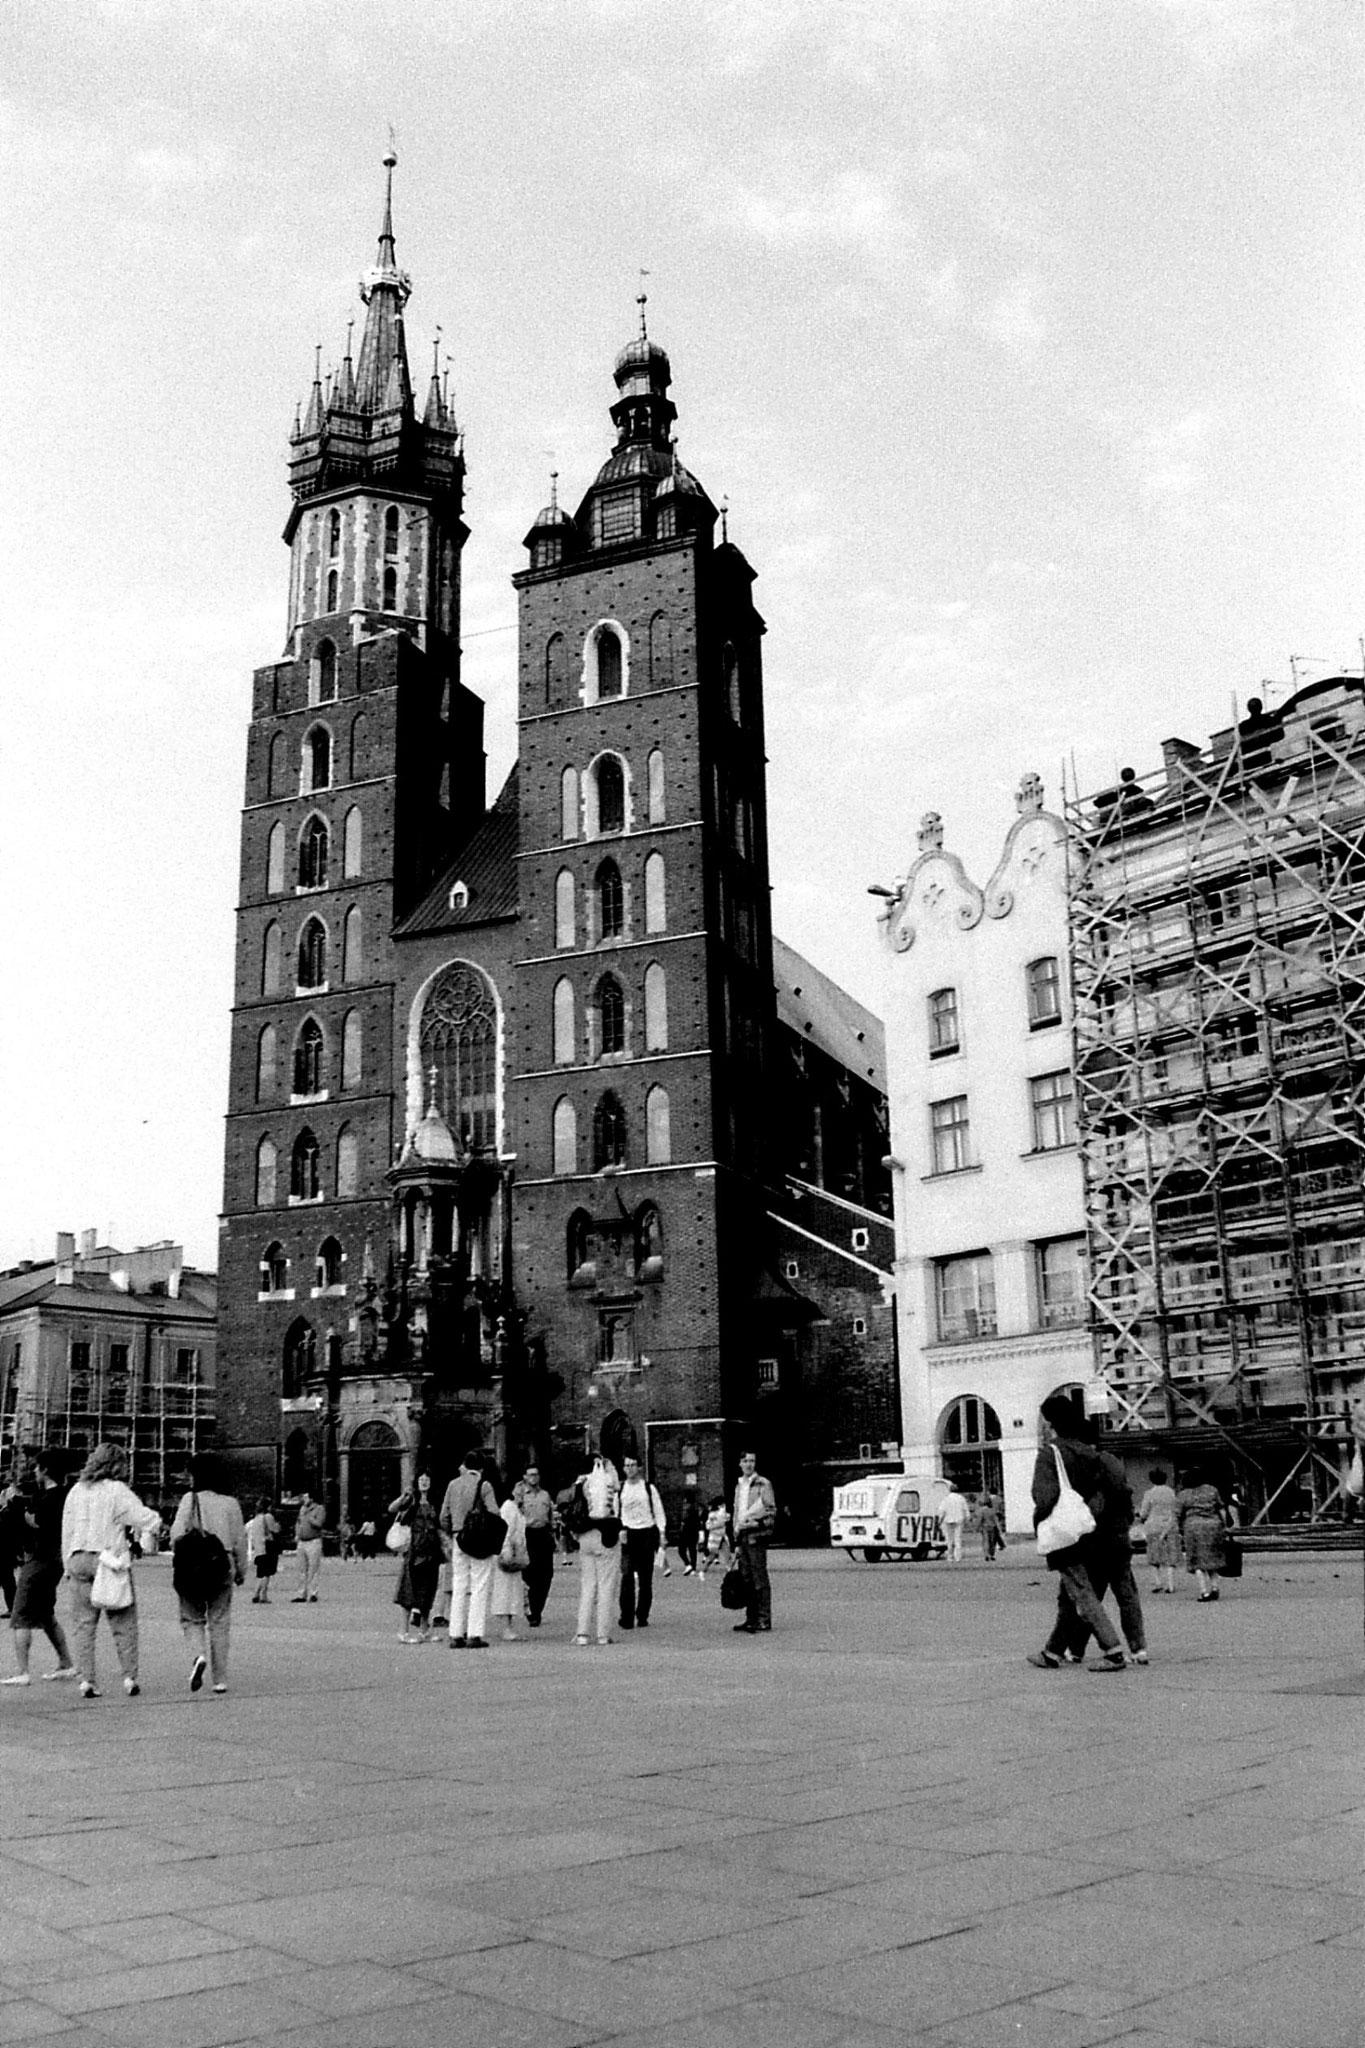 24/8/1988: 35: Krakow